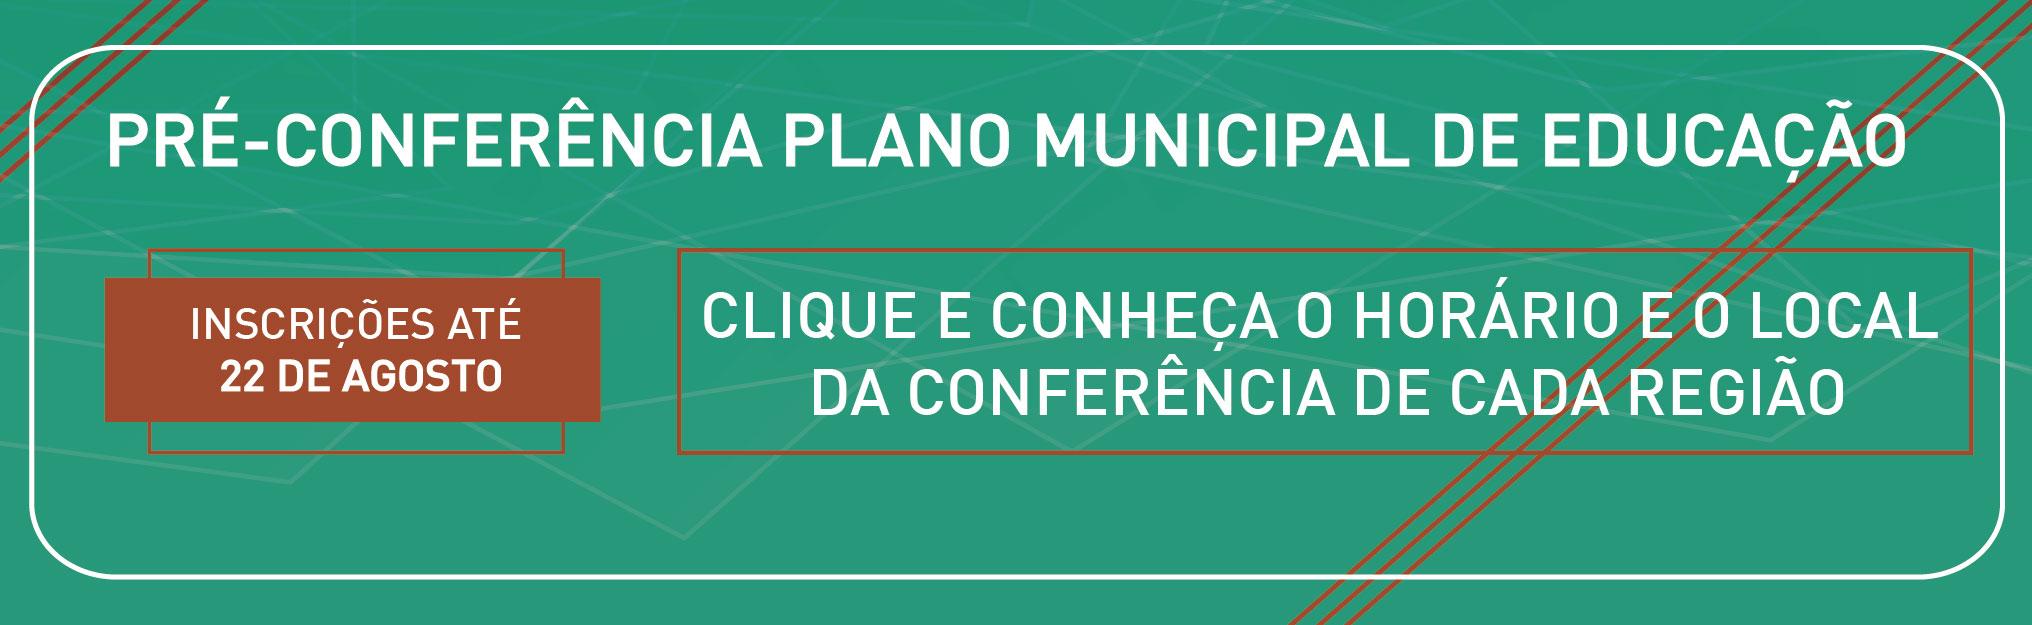 participe da pré-conferência do plano de educação